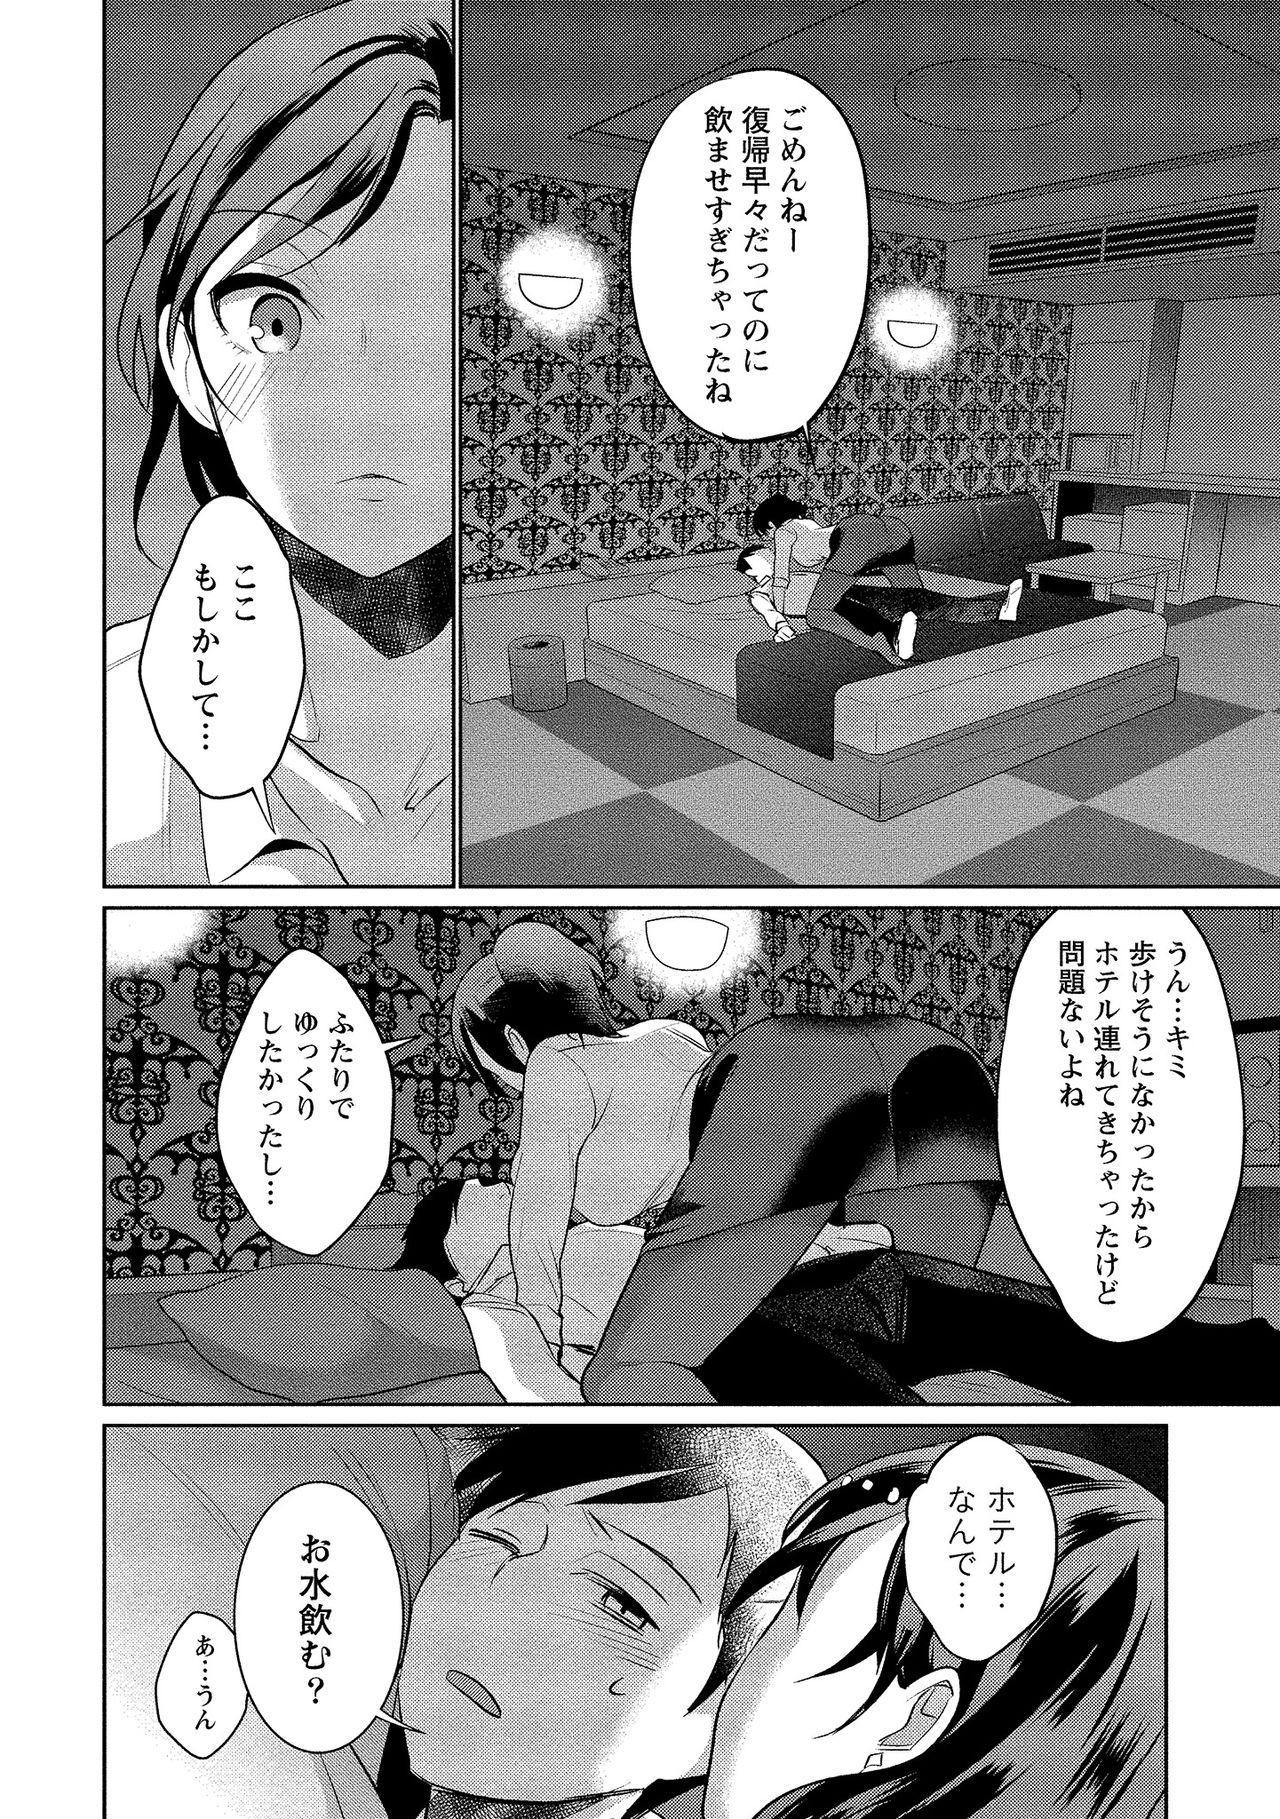 Dorobou Neko wa Kanojo no Hajimari 74